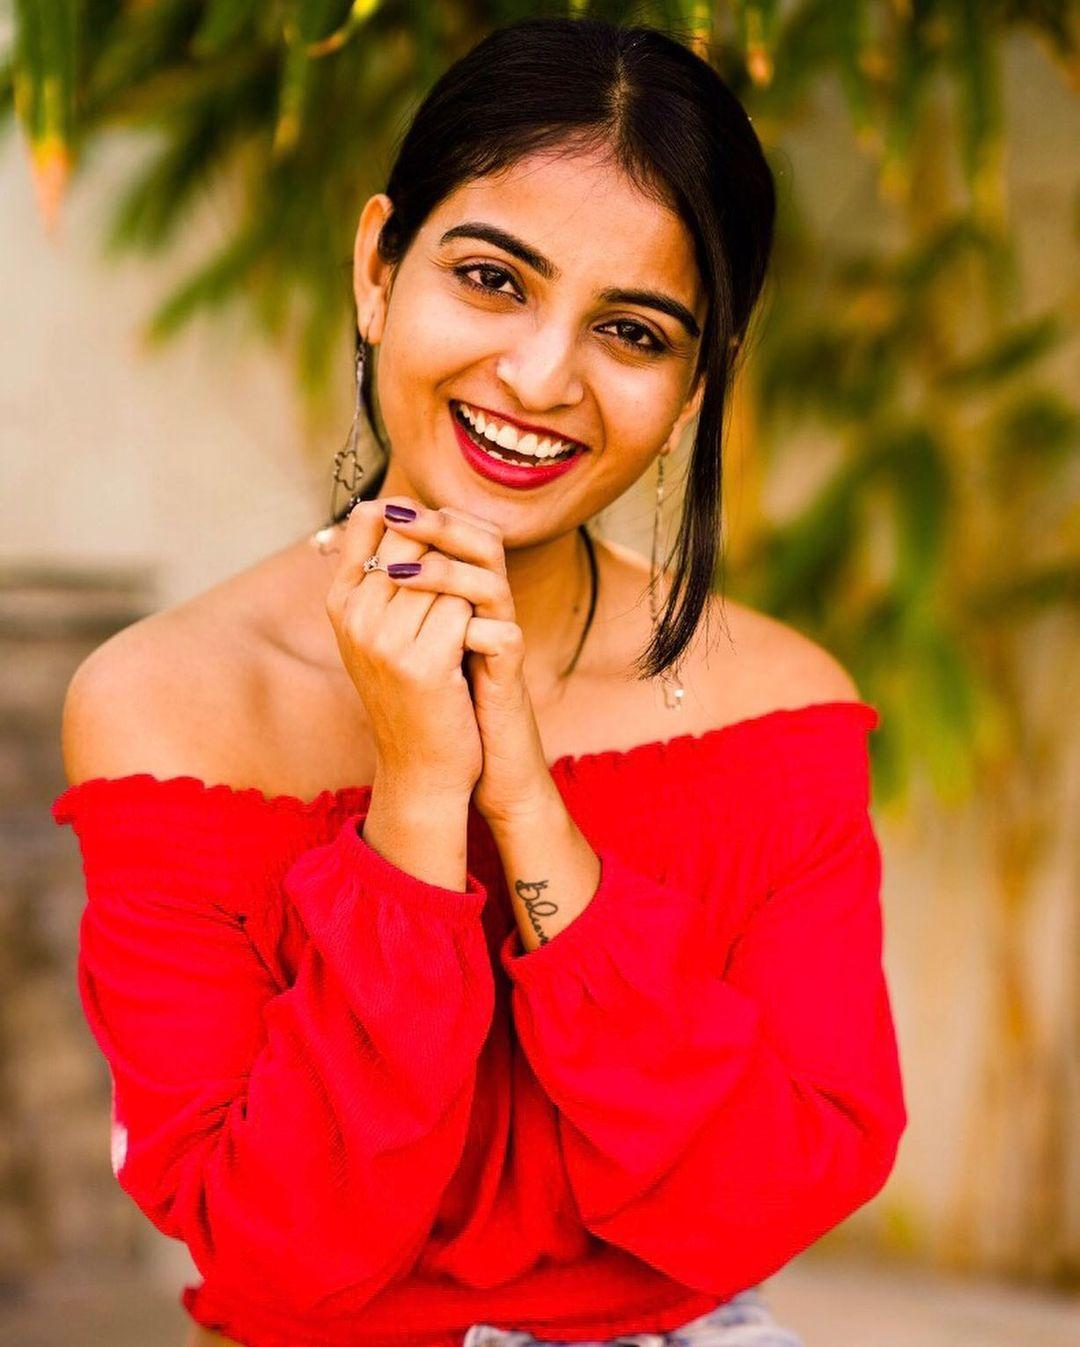 Vakeel Saab Star Cast Ananya Nagalla Hot images and Sexy photos